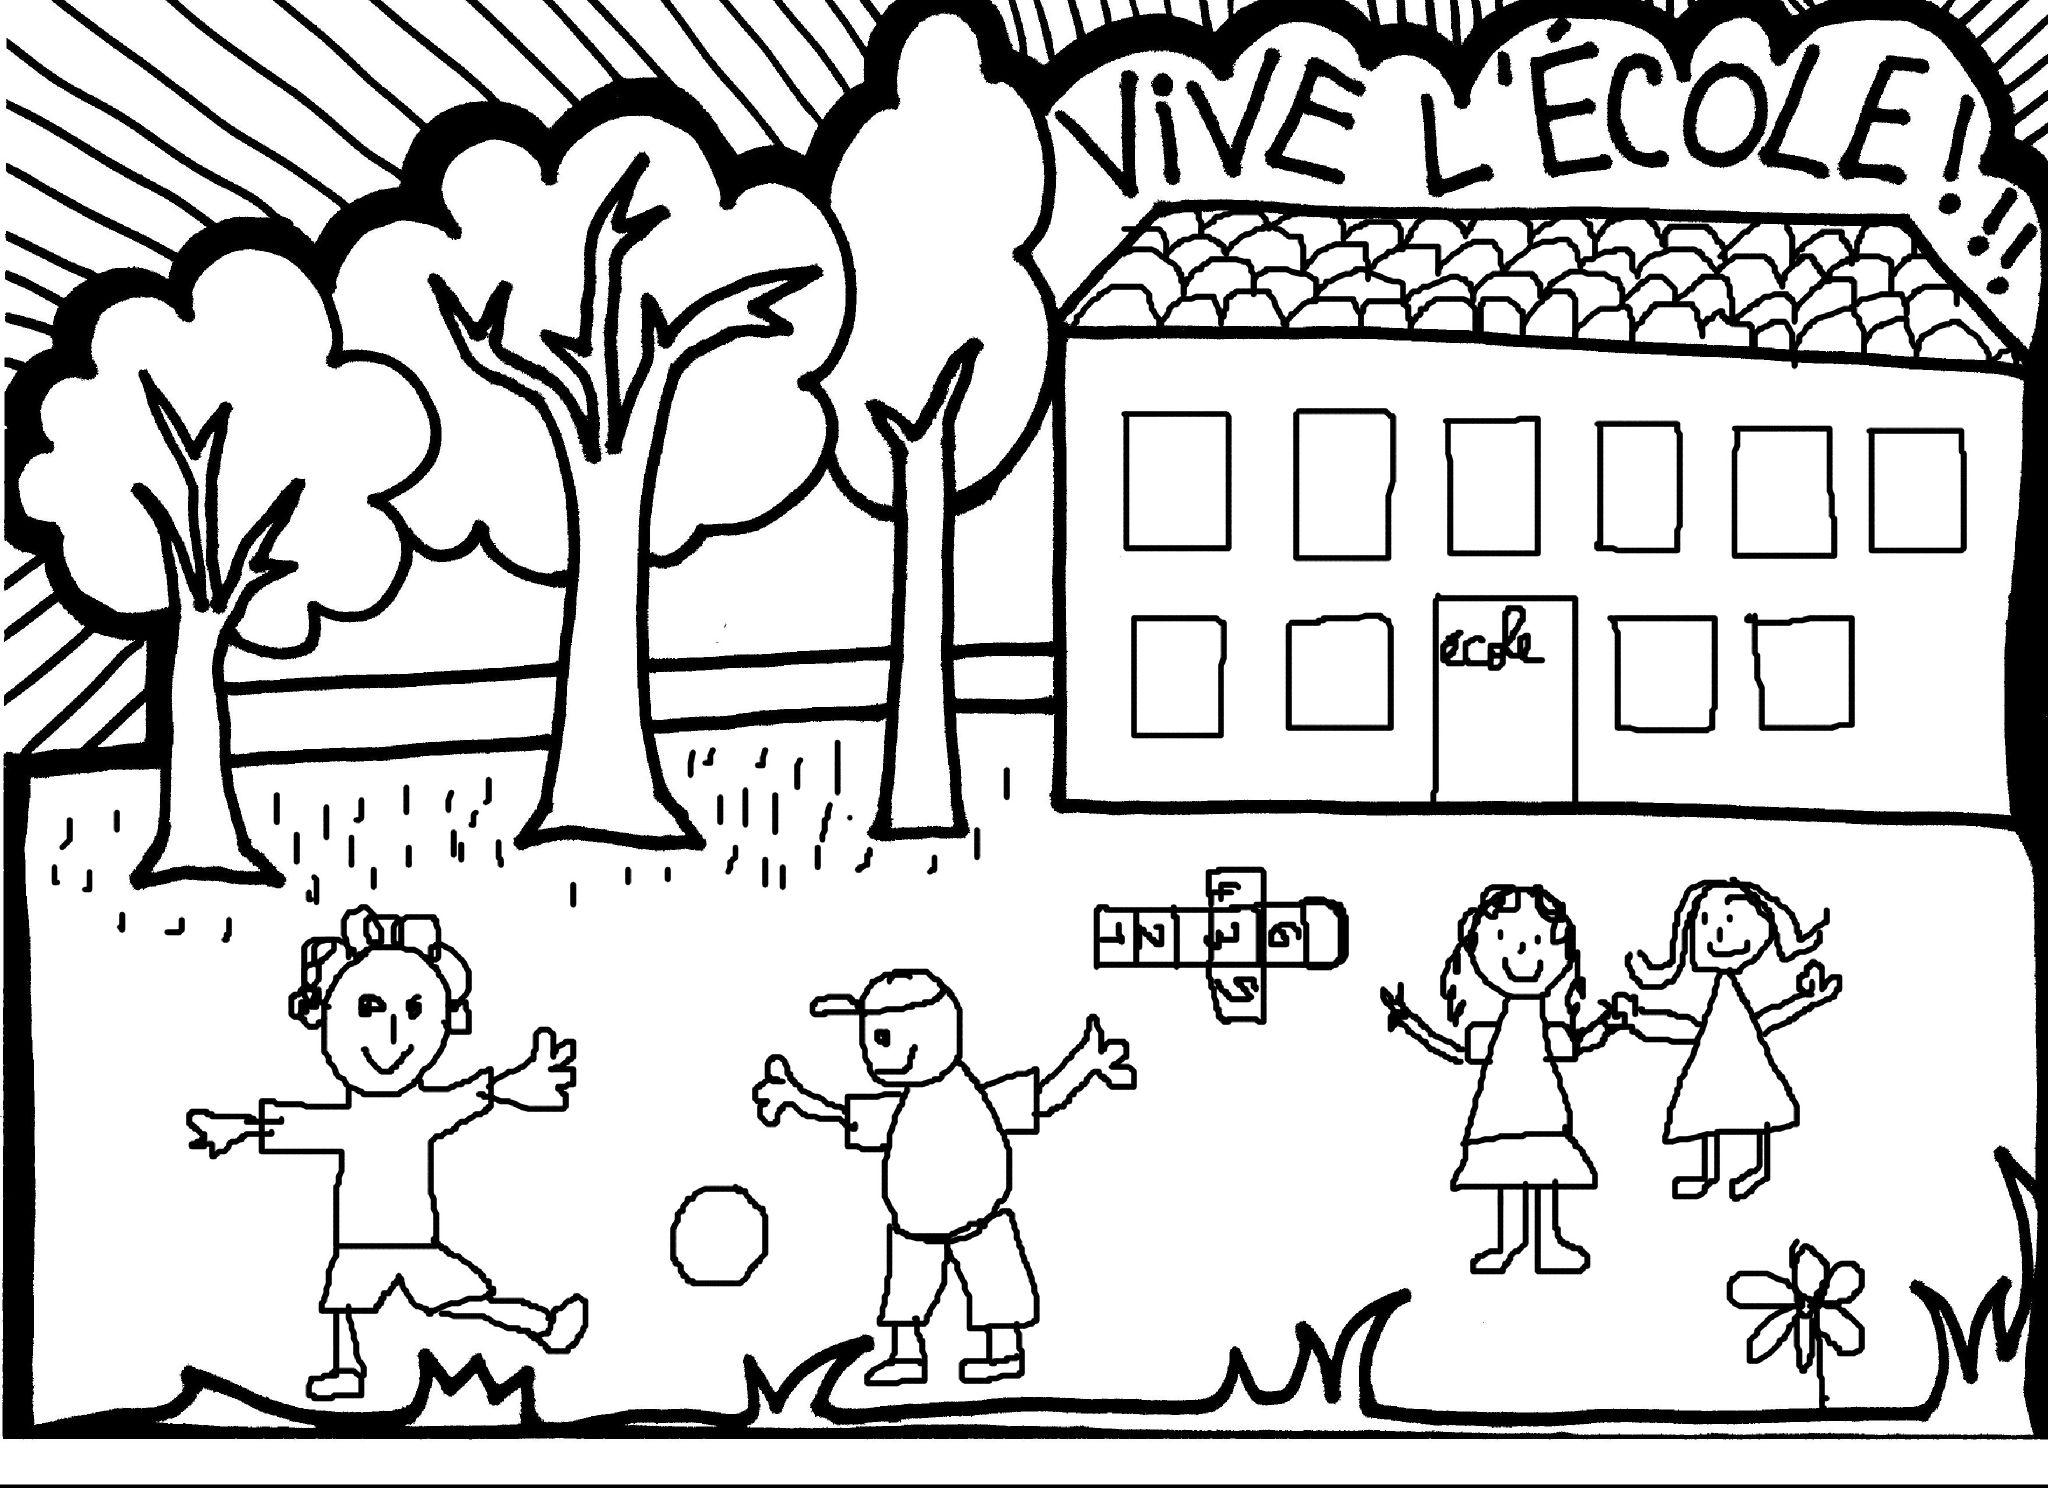 Dessins Gratuits À Colorier - Coloriage Ecole À Imprimer tout Coloriage Classe Maternelle